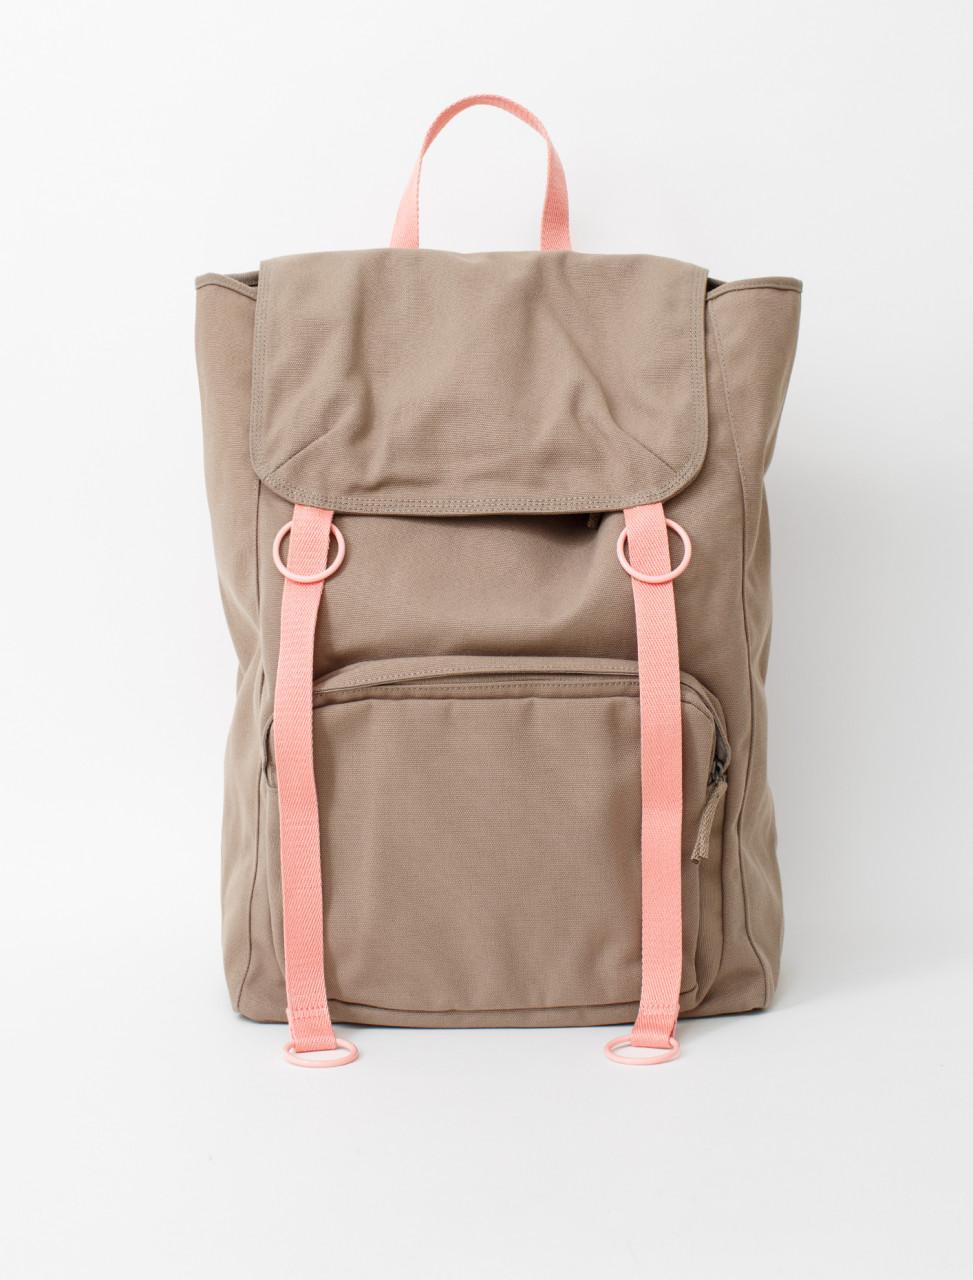 Loop Topload Backpack